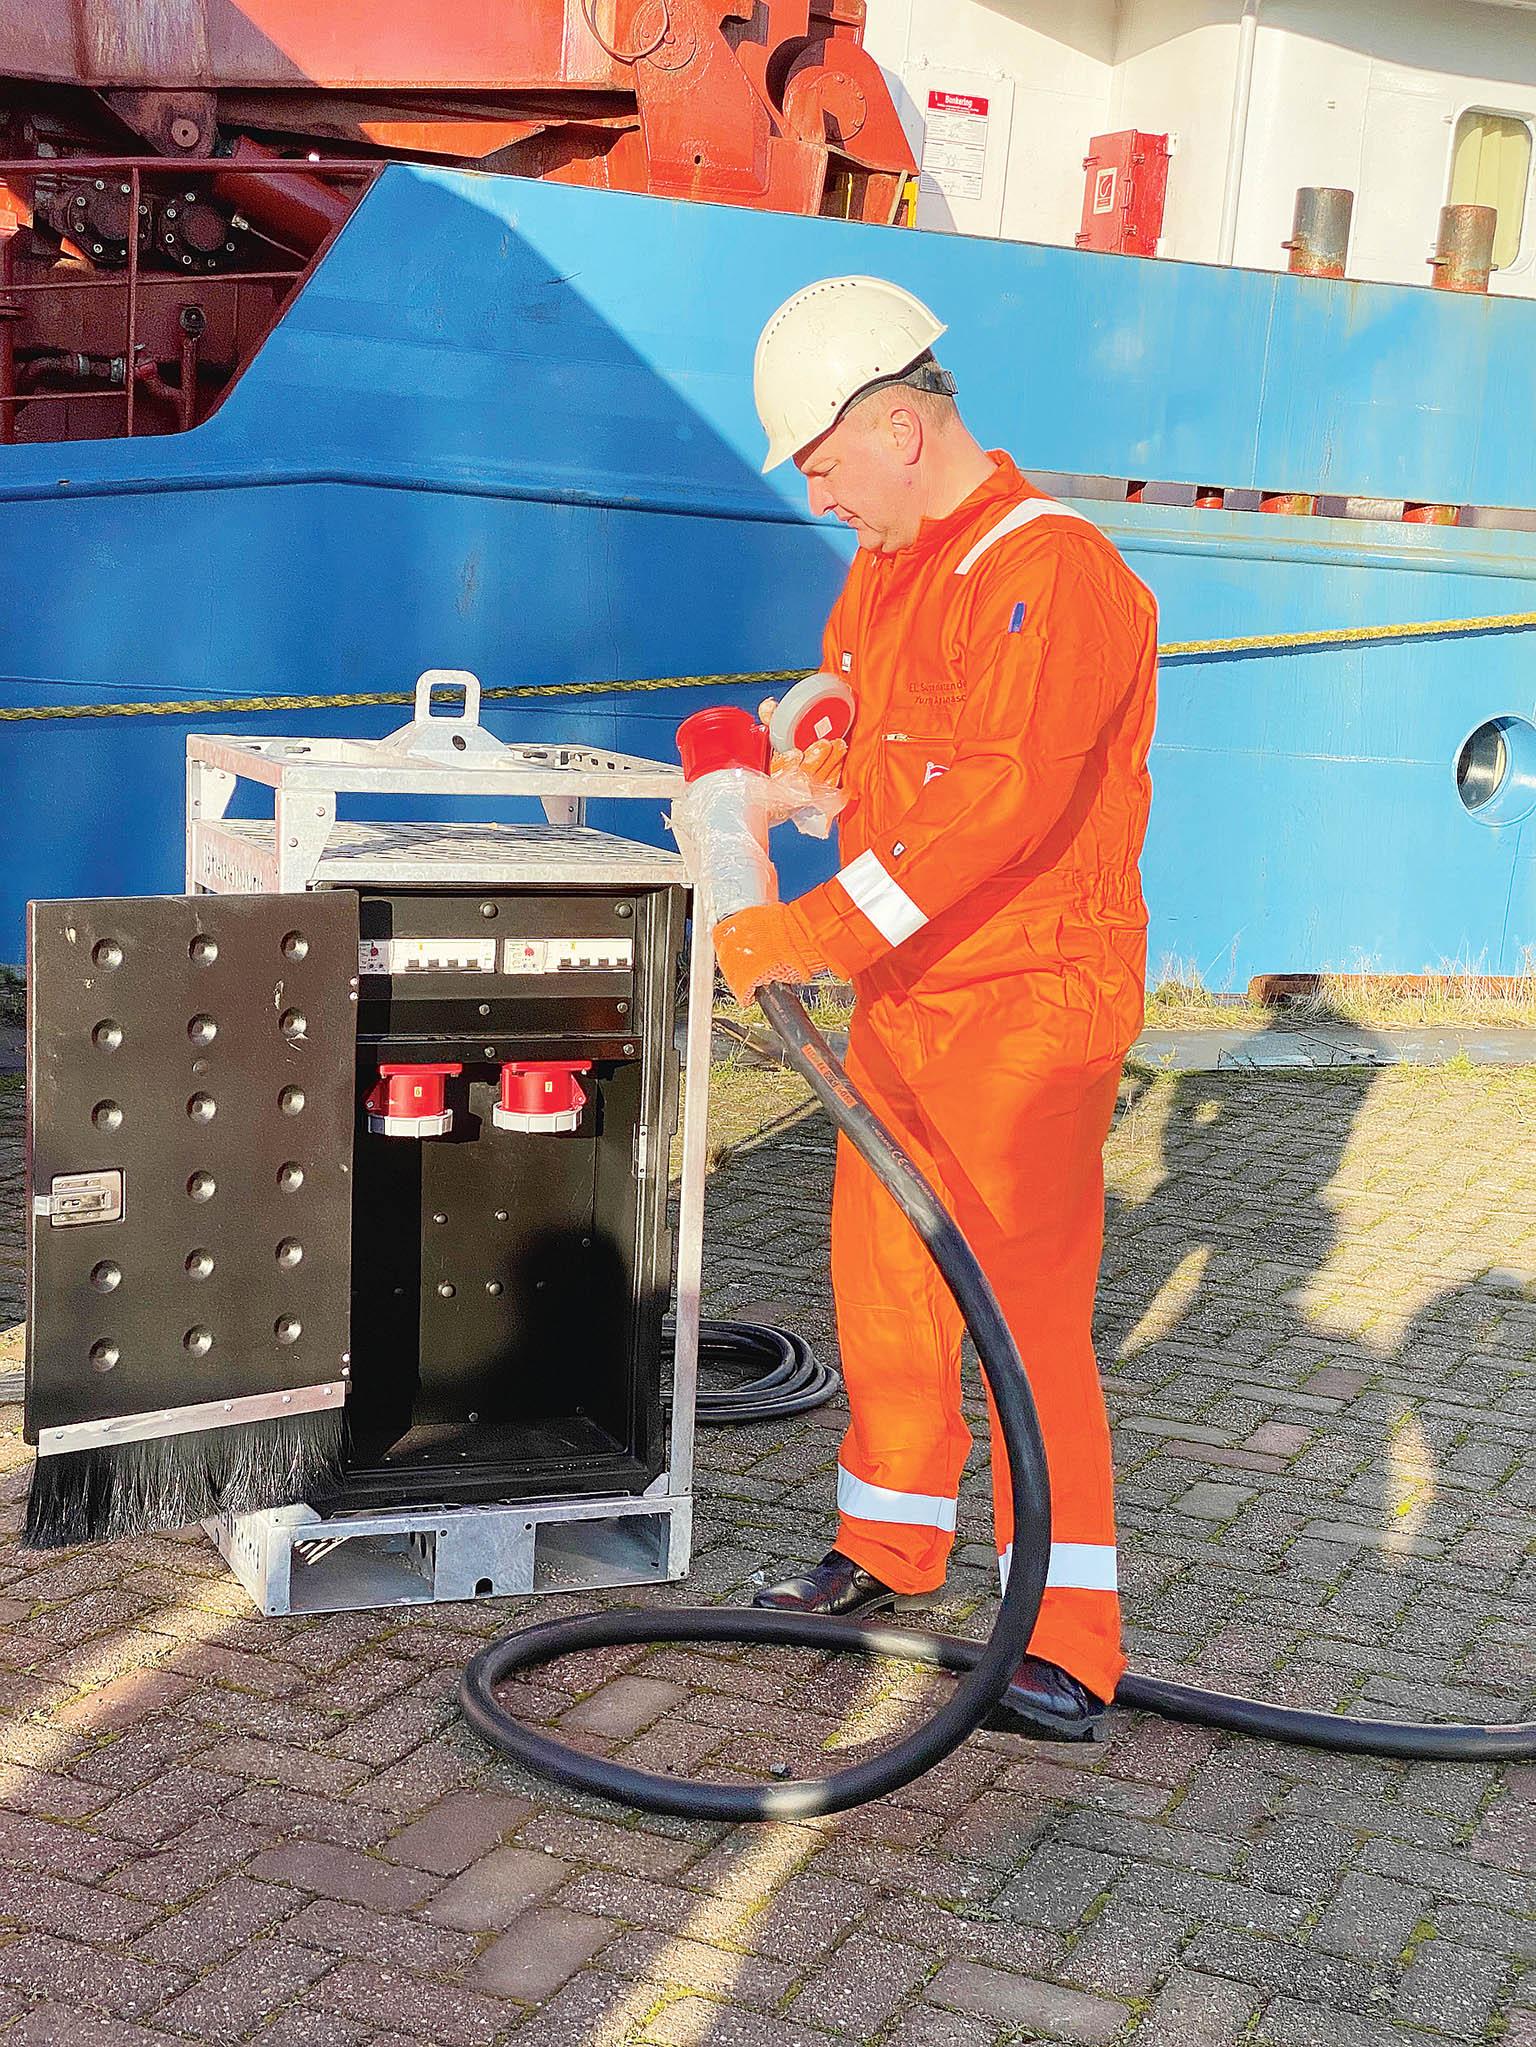 Připojování lodě doelektrické zásuvky namolu vrotterdamském přístavu.